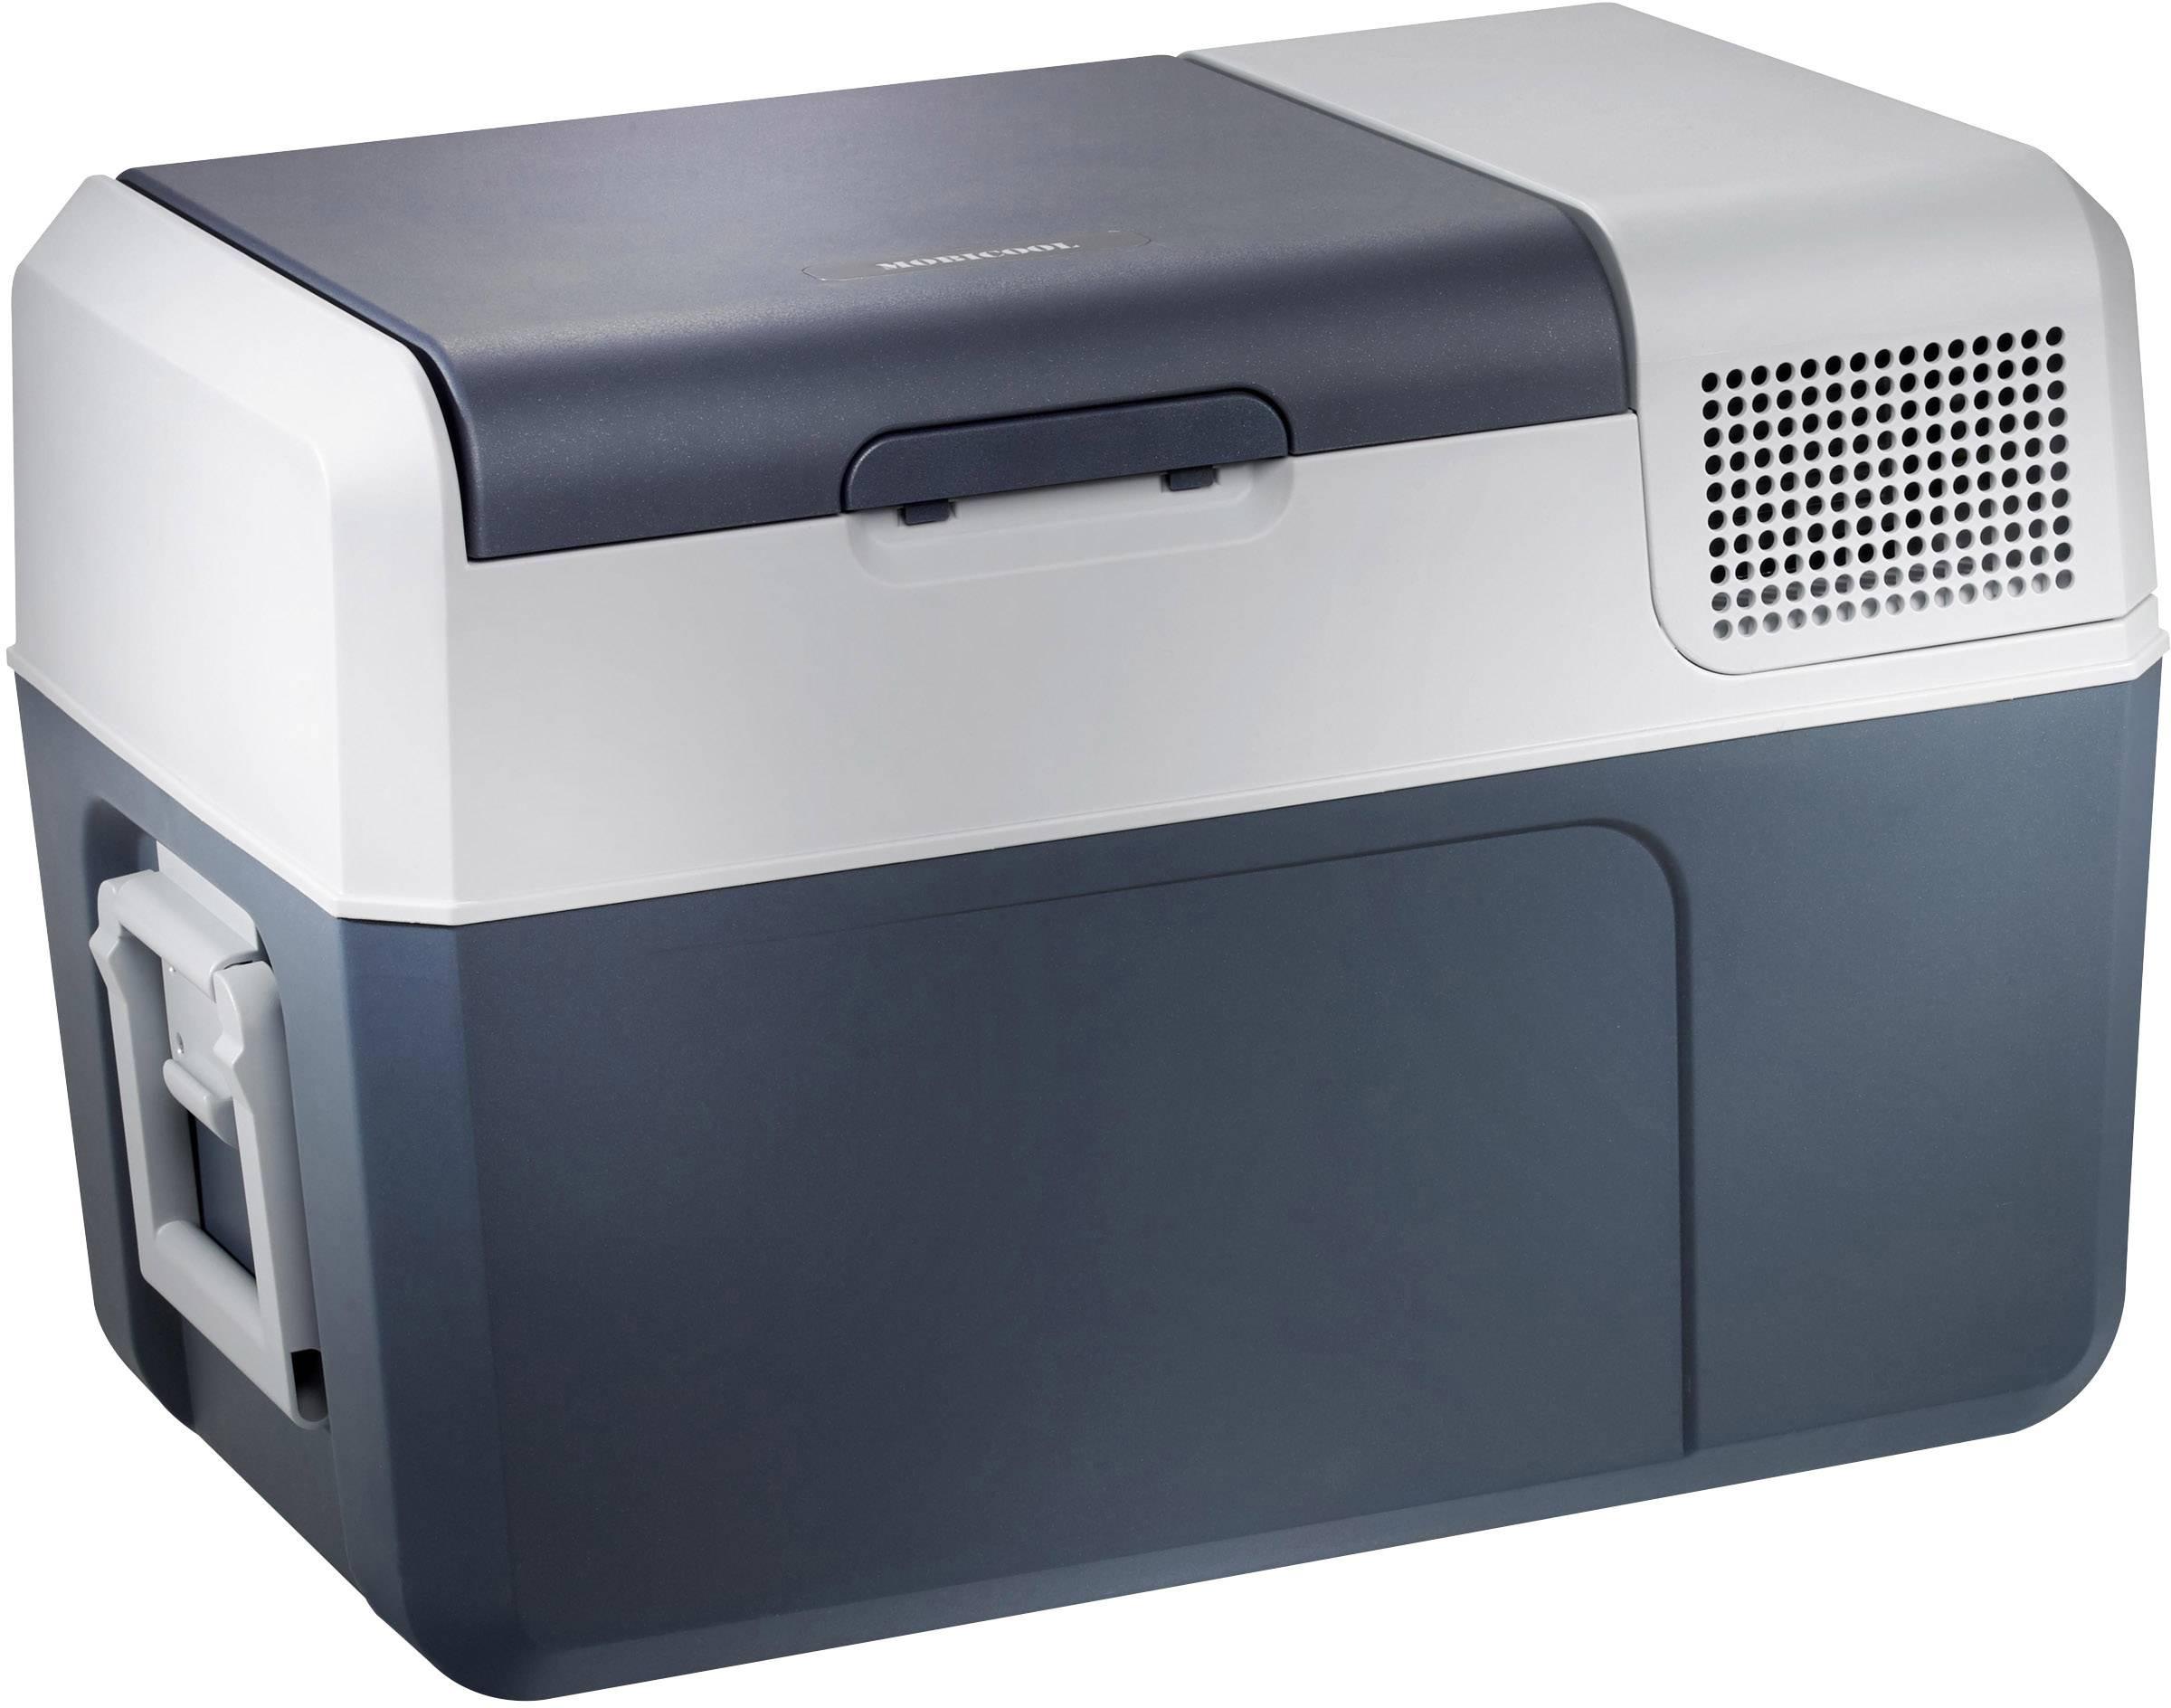 Kühlschrank Fürs Auto Aldi : Kühlboxen günstig online kaufen bei conrad